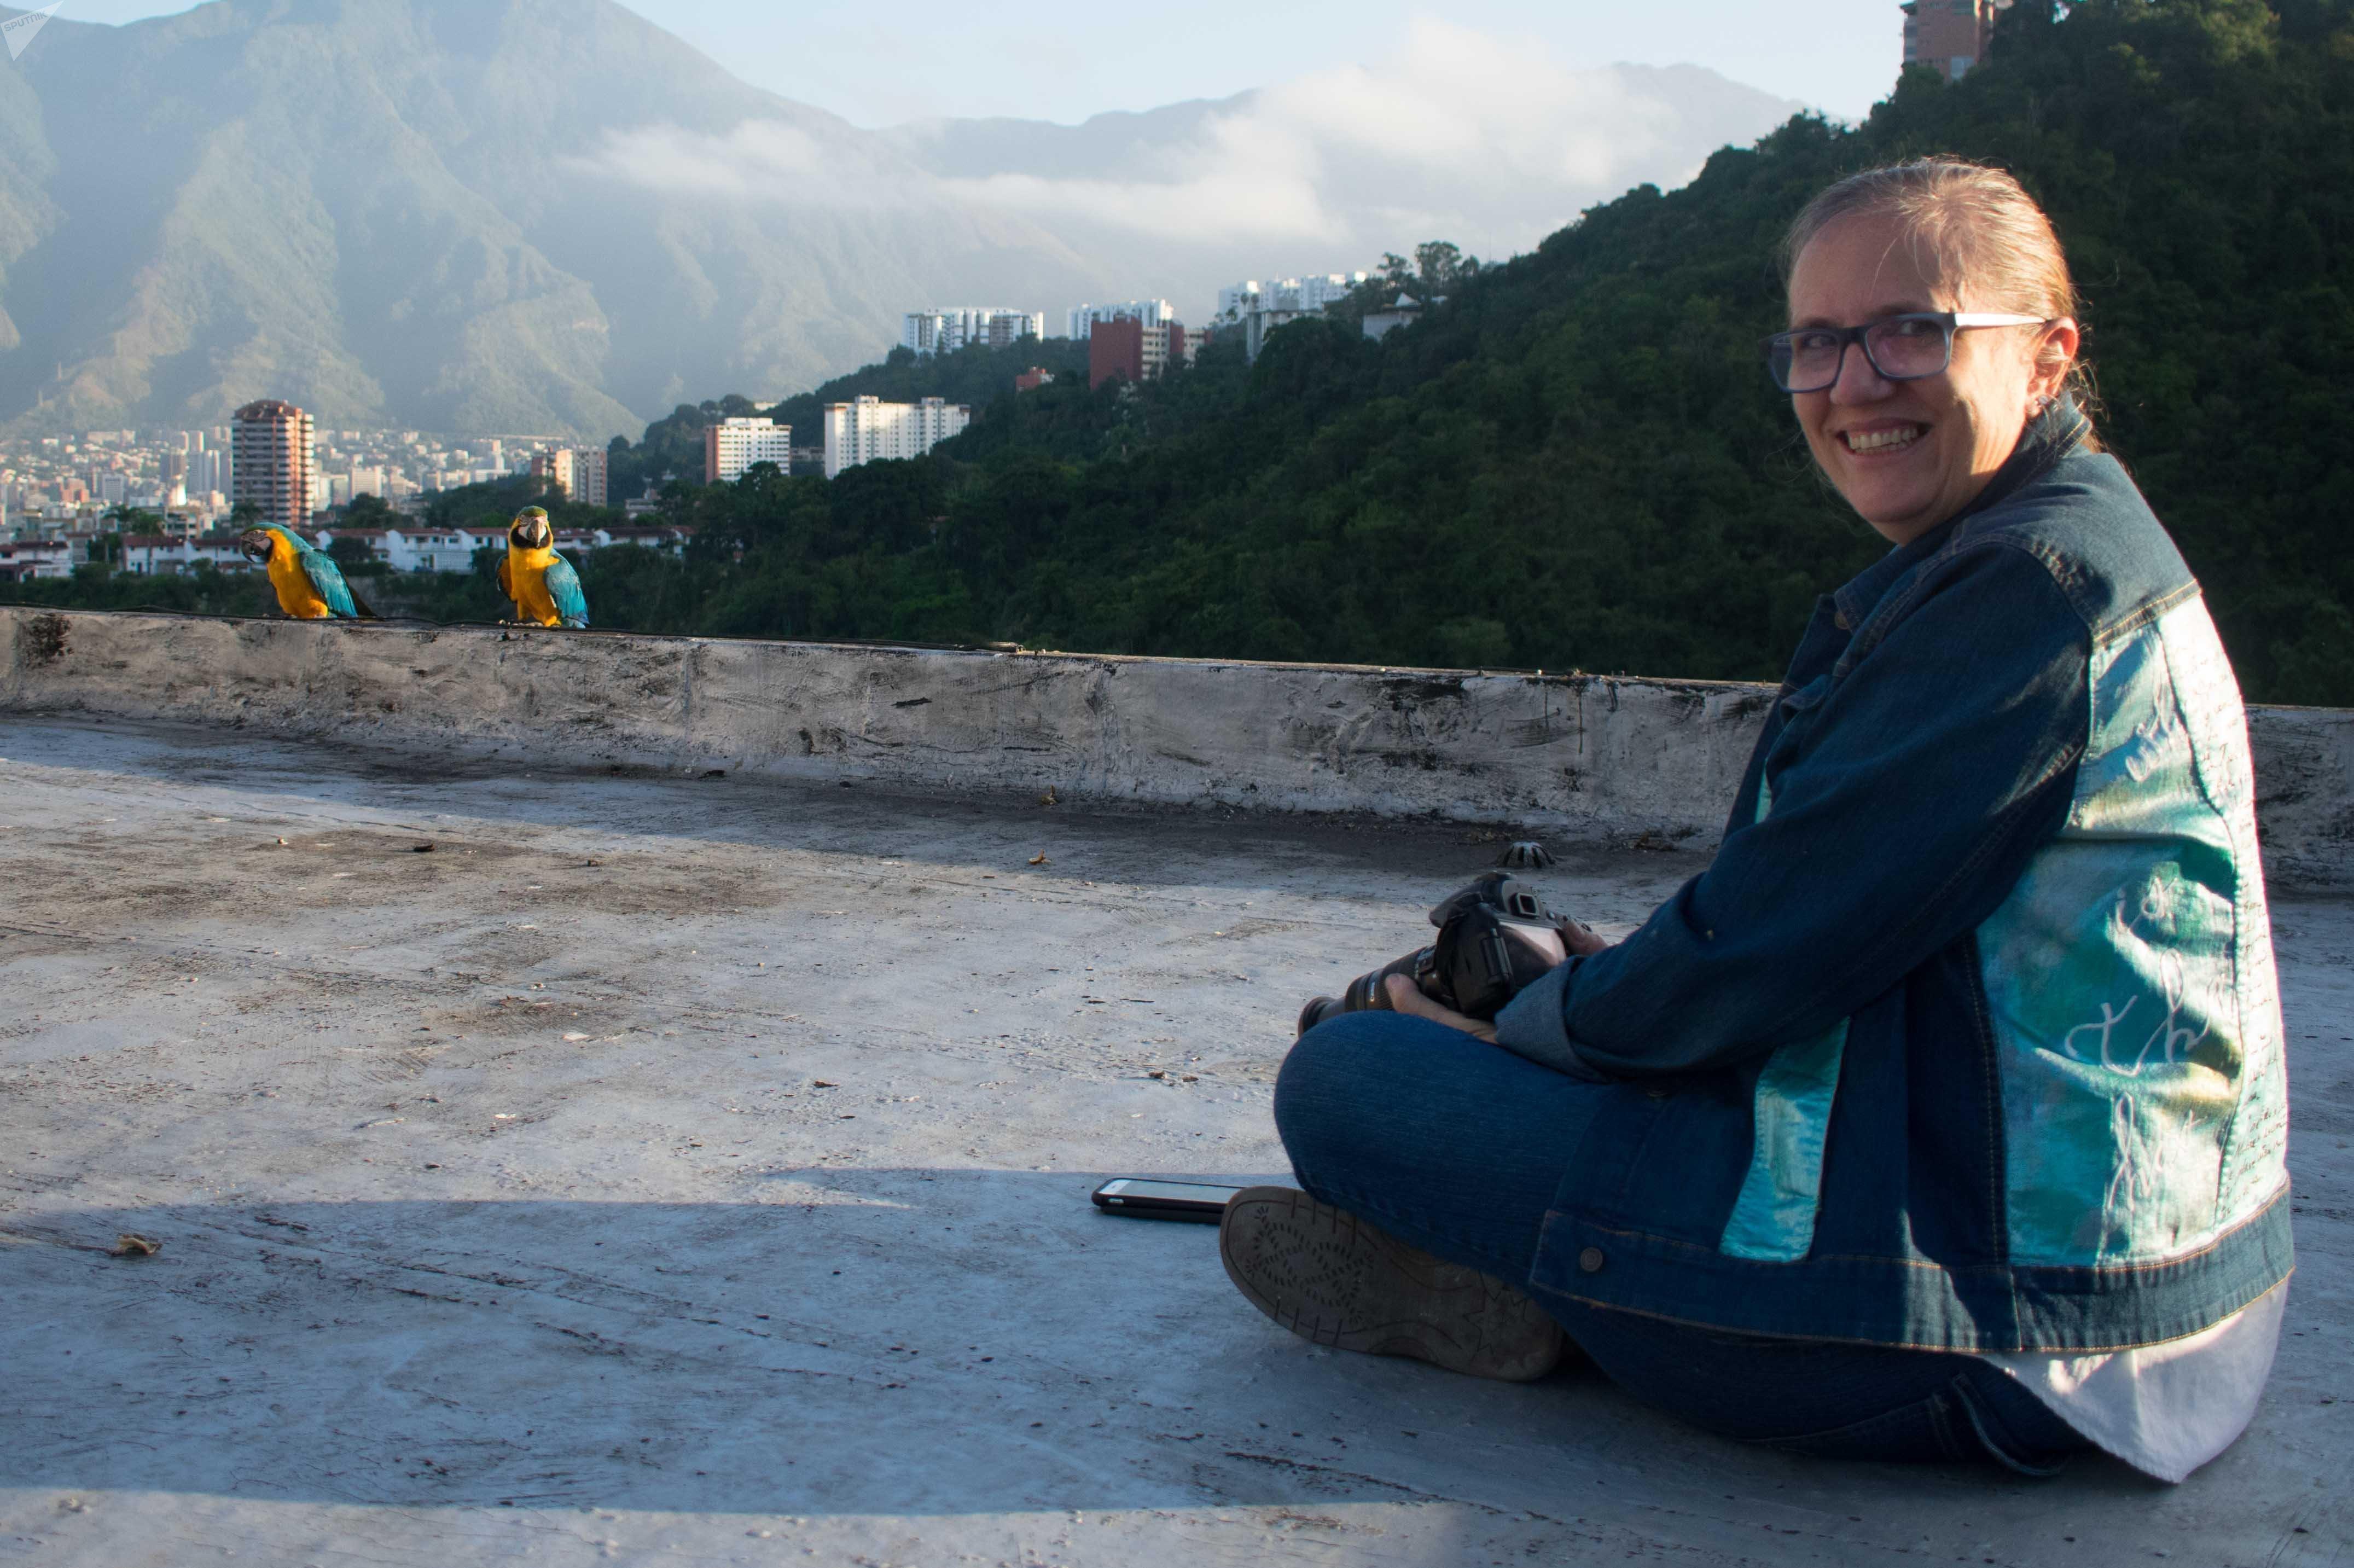 La fotógrafa Mabel Cornago comenzó a fotografiar a las guacamayas por hobby, pero decenas de personas le han comprado fotos, especialmente como recuerdo de Caracas para quienes han migrado.